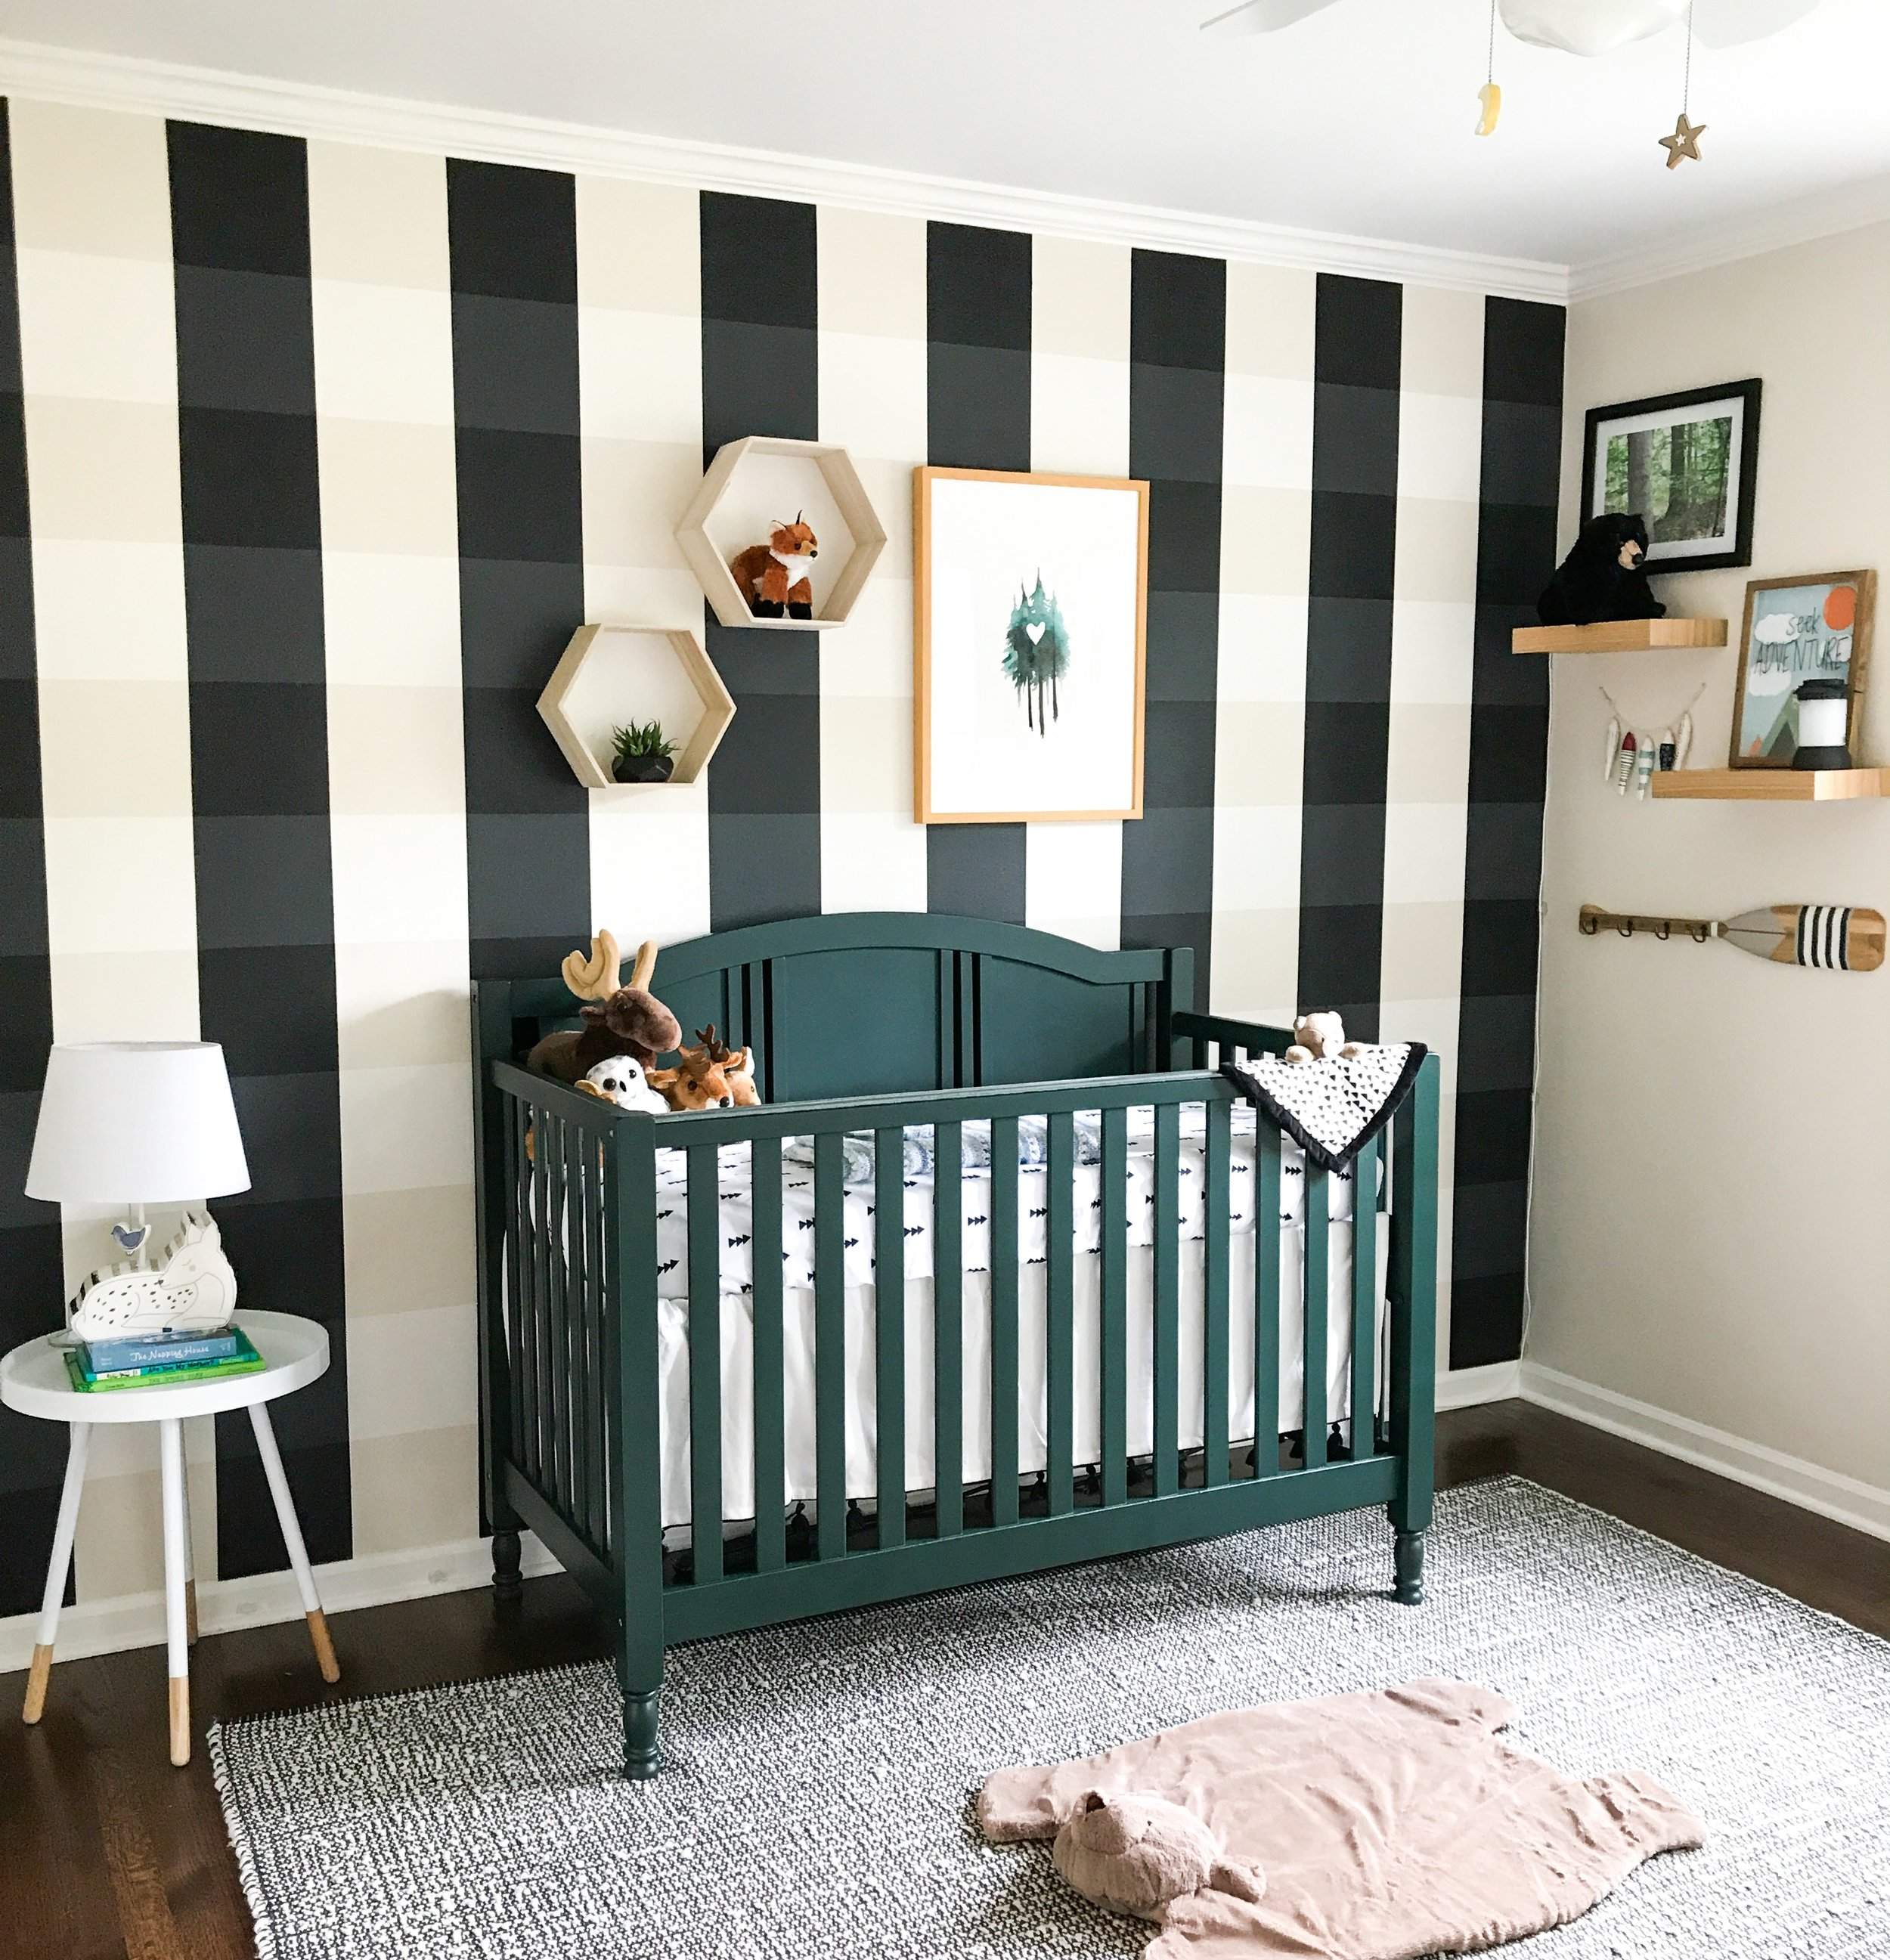 Woodland Creatures Nursery Decor For Baby Boy Or Girl. Outdoor nursery decor, gender neutral. Buffalo Plaid painted nursery wall. Simple, neutral, nursery design.